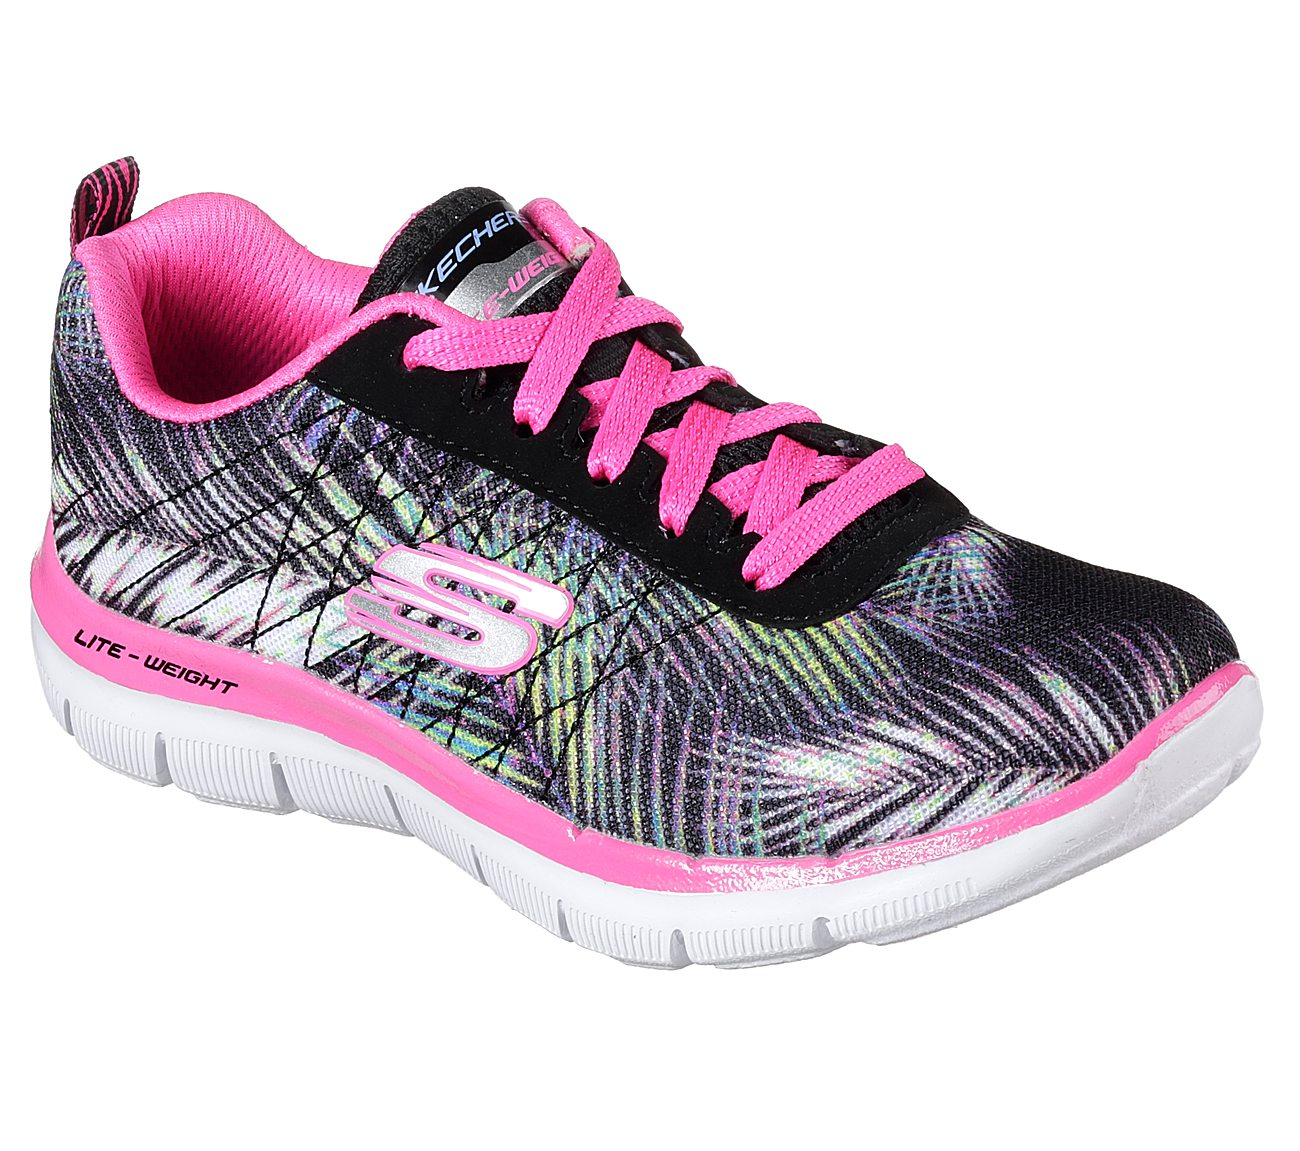 Tropical Breeze Sport Shoes